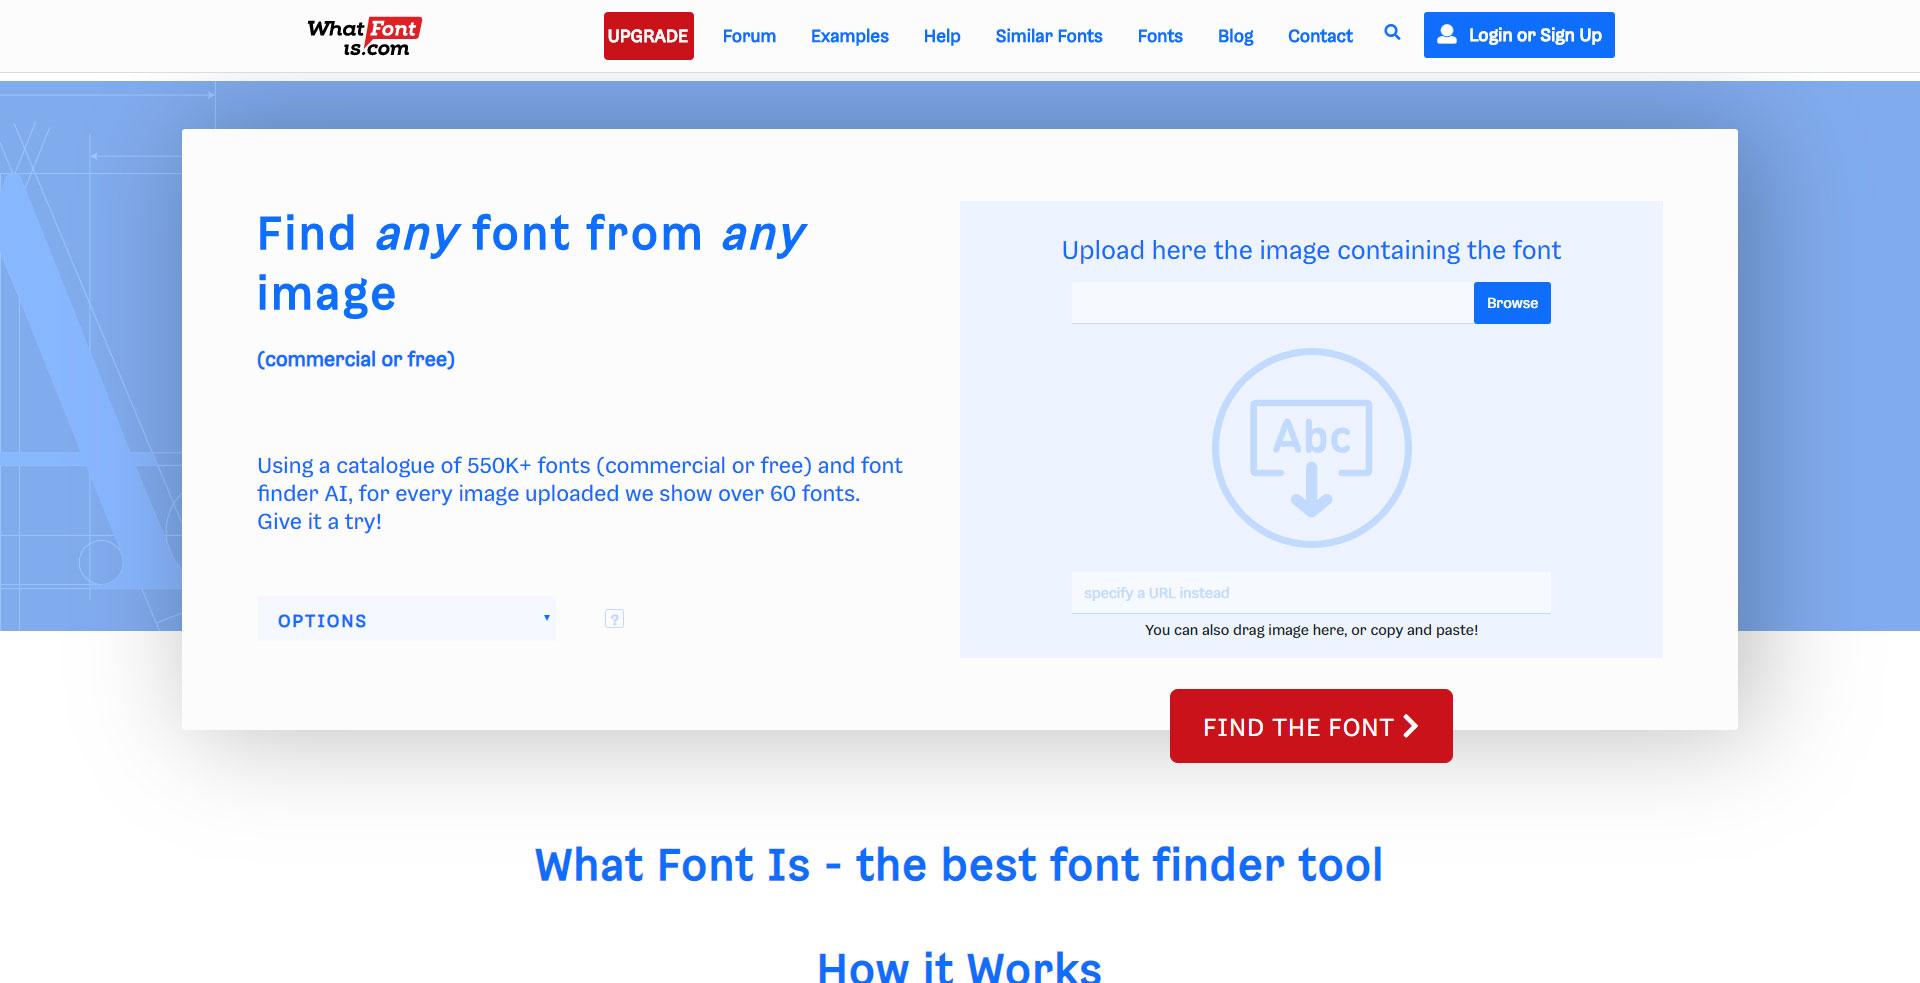 Siti Dove Caricare Foto trovare font da immagine: 6 siti dove riconoscere un font